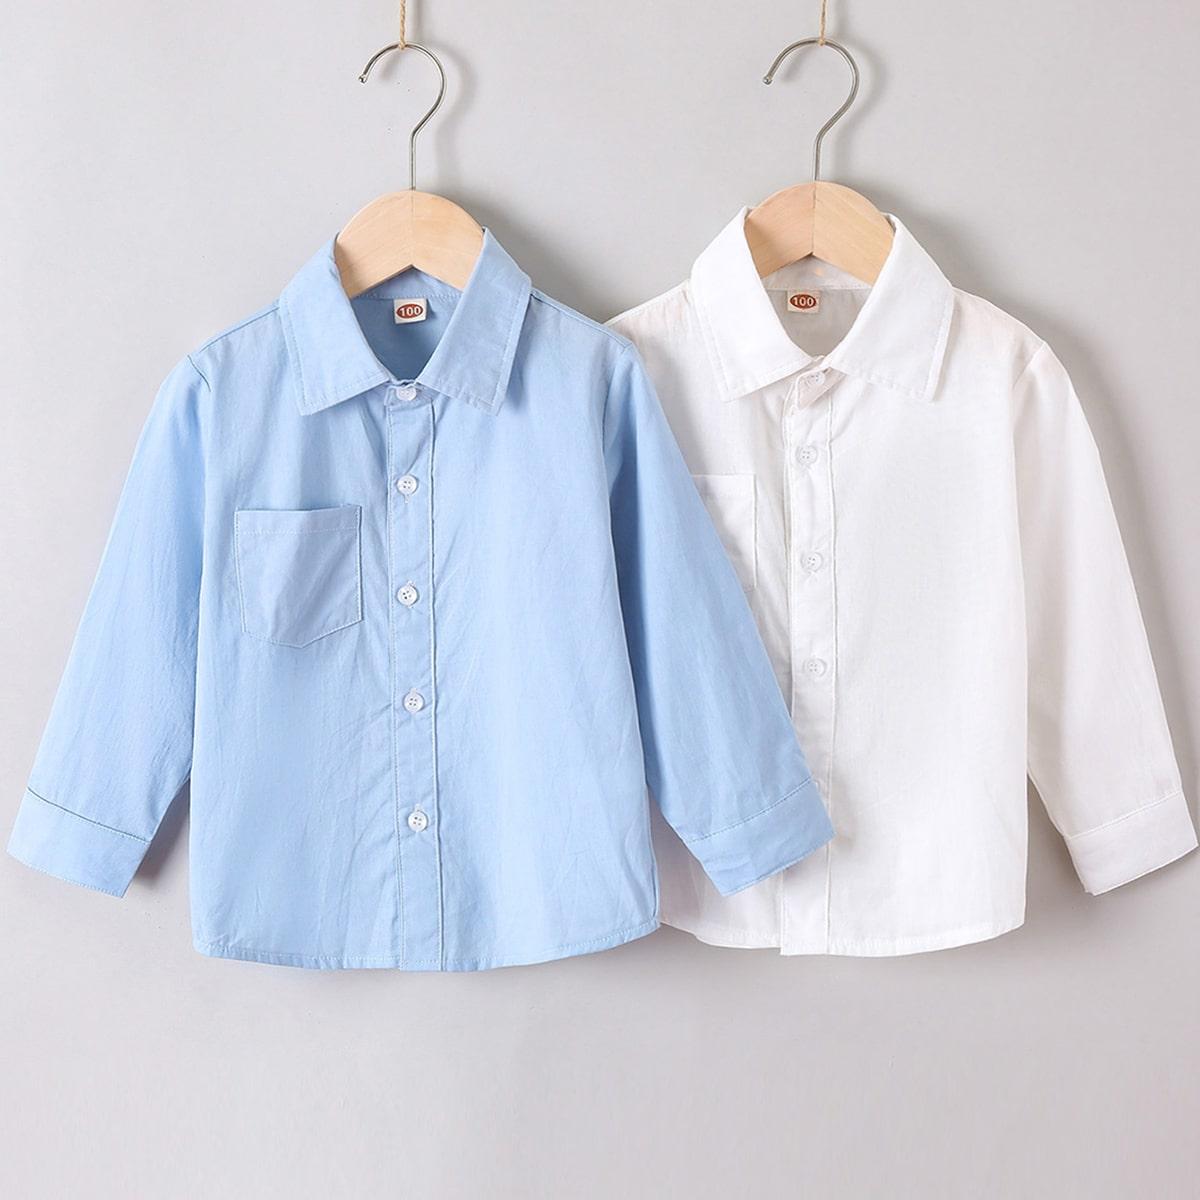 для мальчиков 2шт Рубашка с карманом на пуговицах